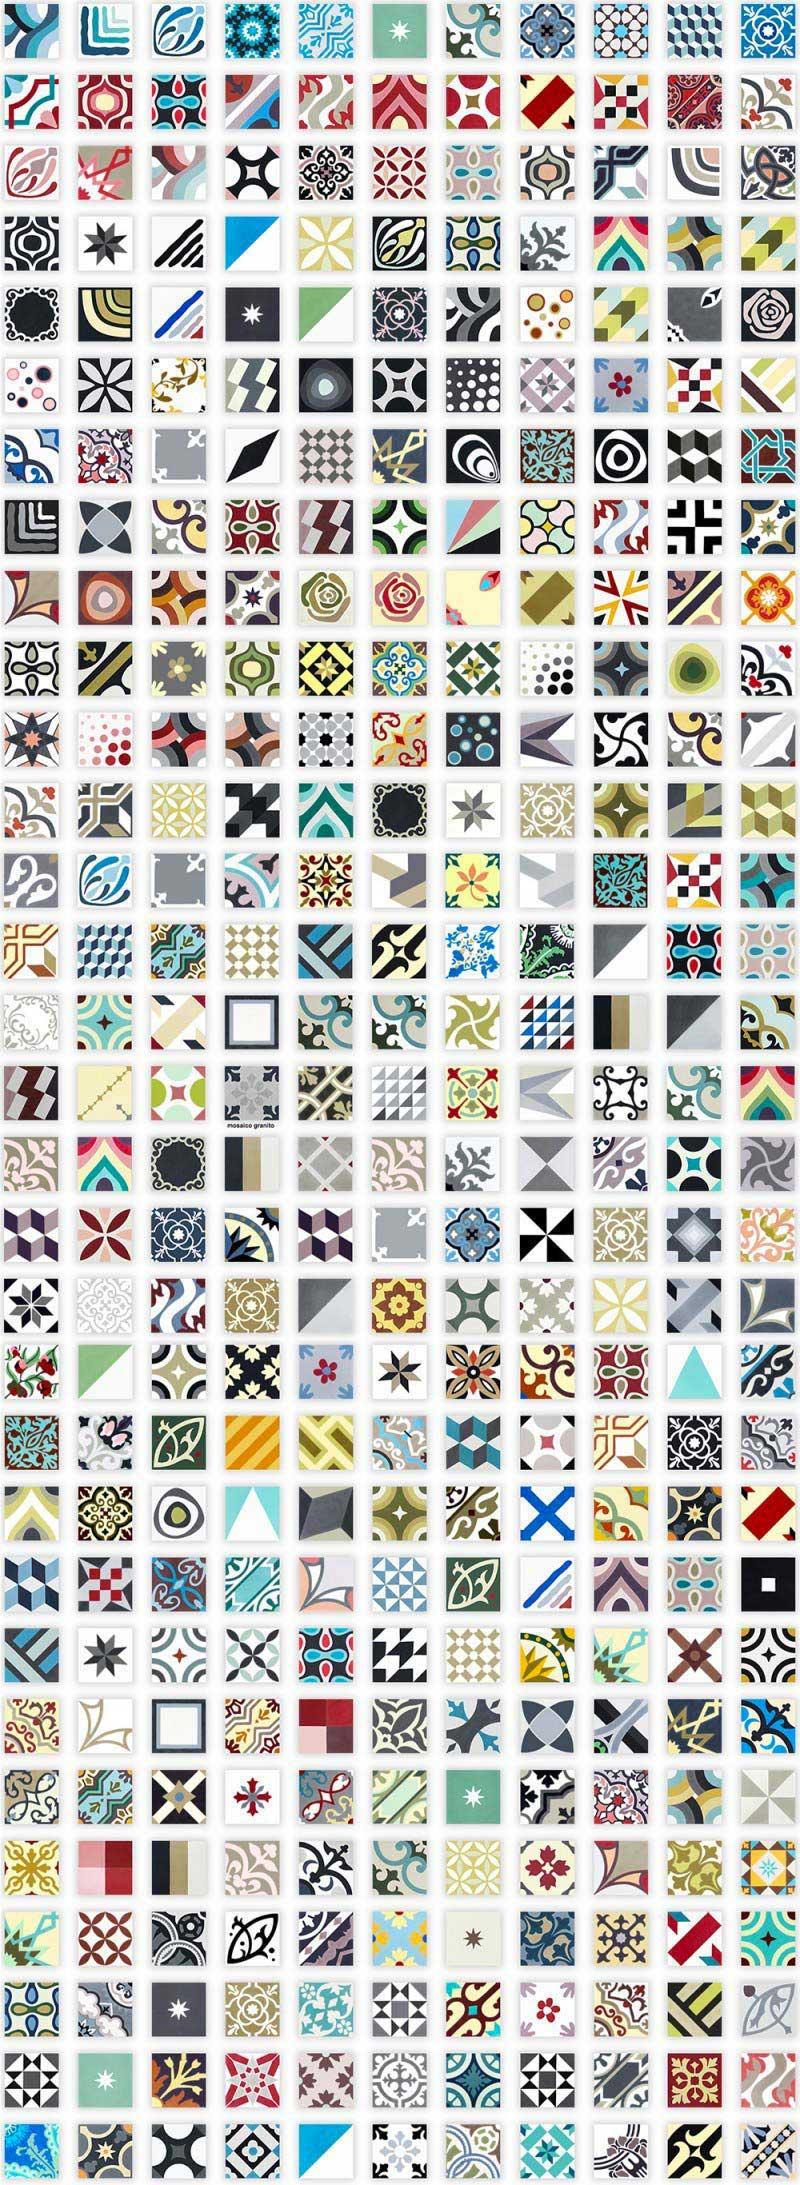 carreaux de ciment 37 idees deco avec